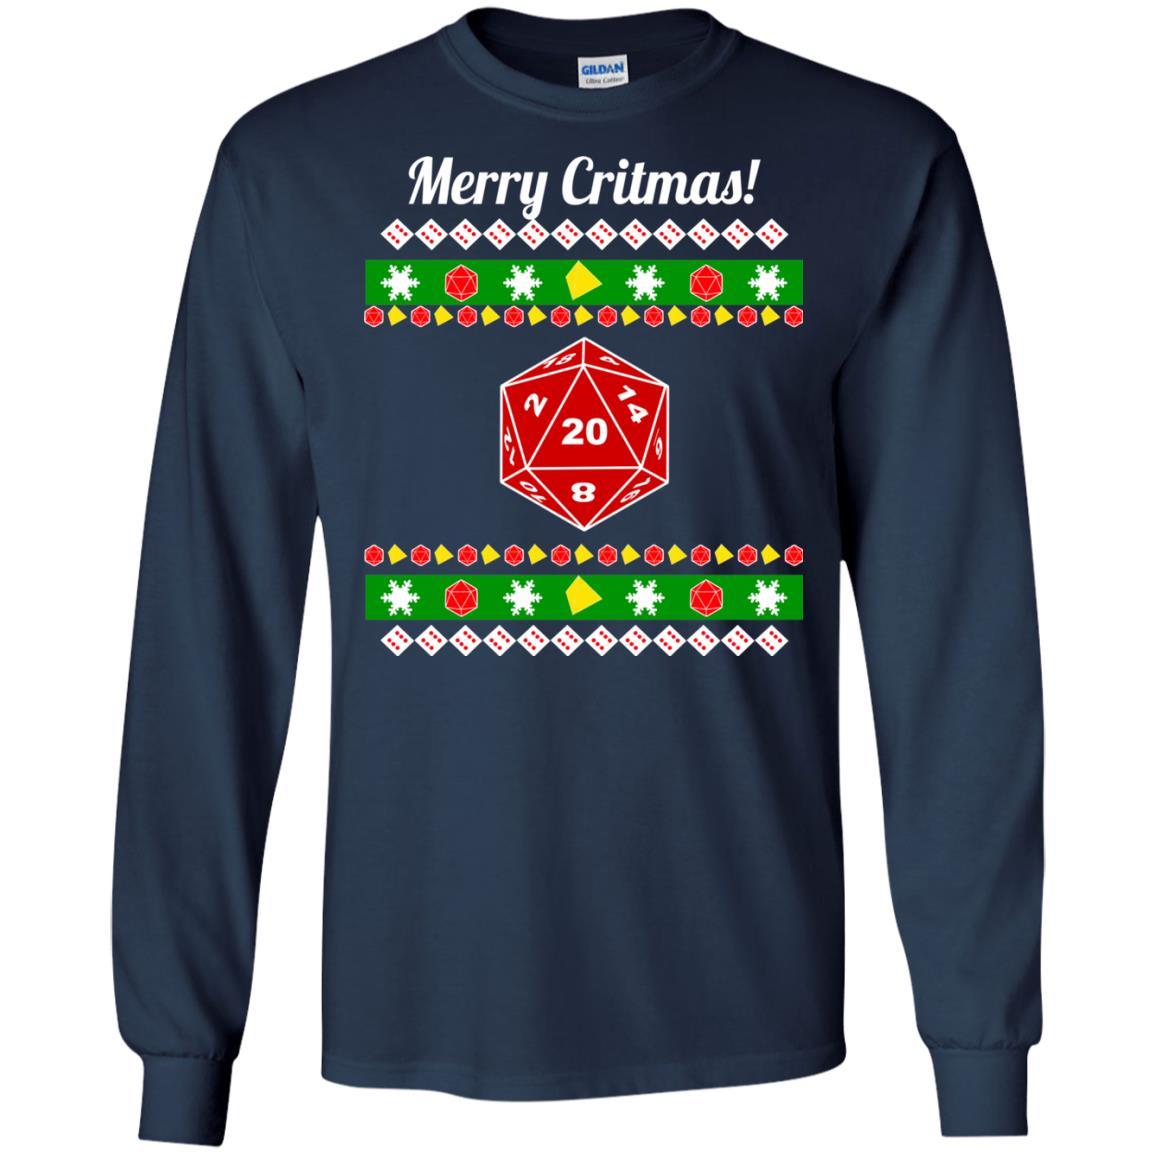 image 2204 - Merry Critmas Christmas ugly Sweatshirts, Long Sleeve